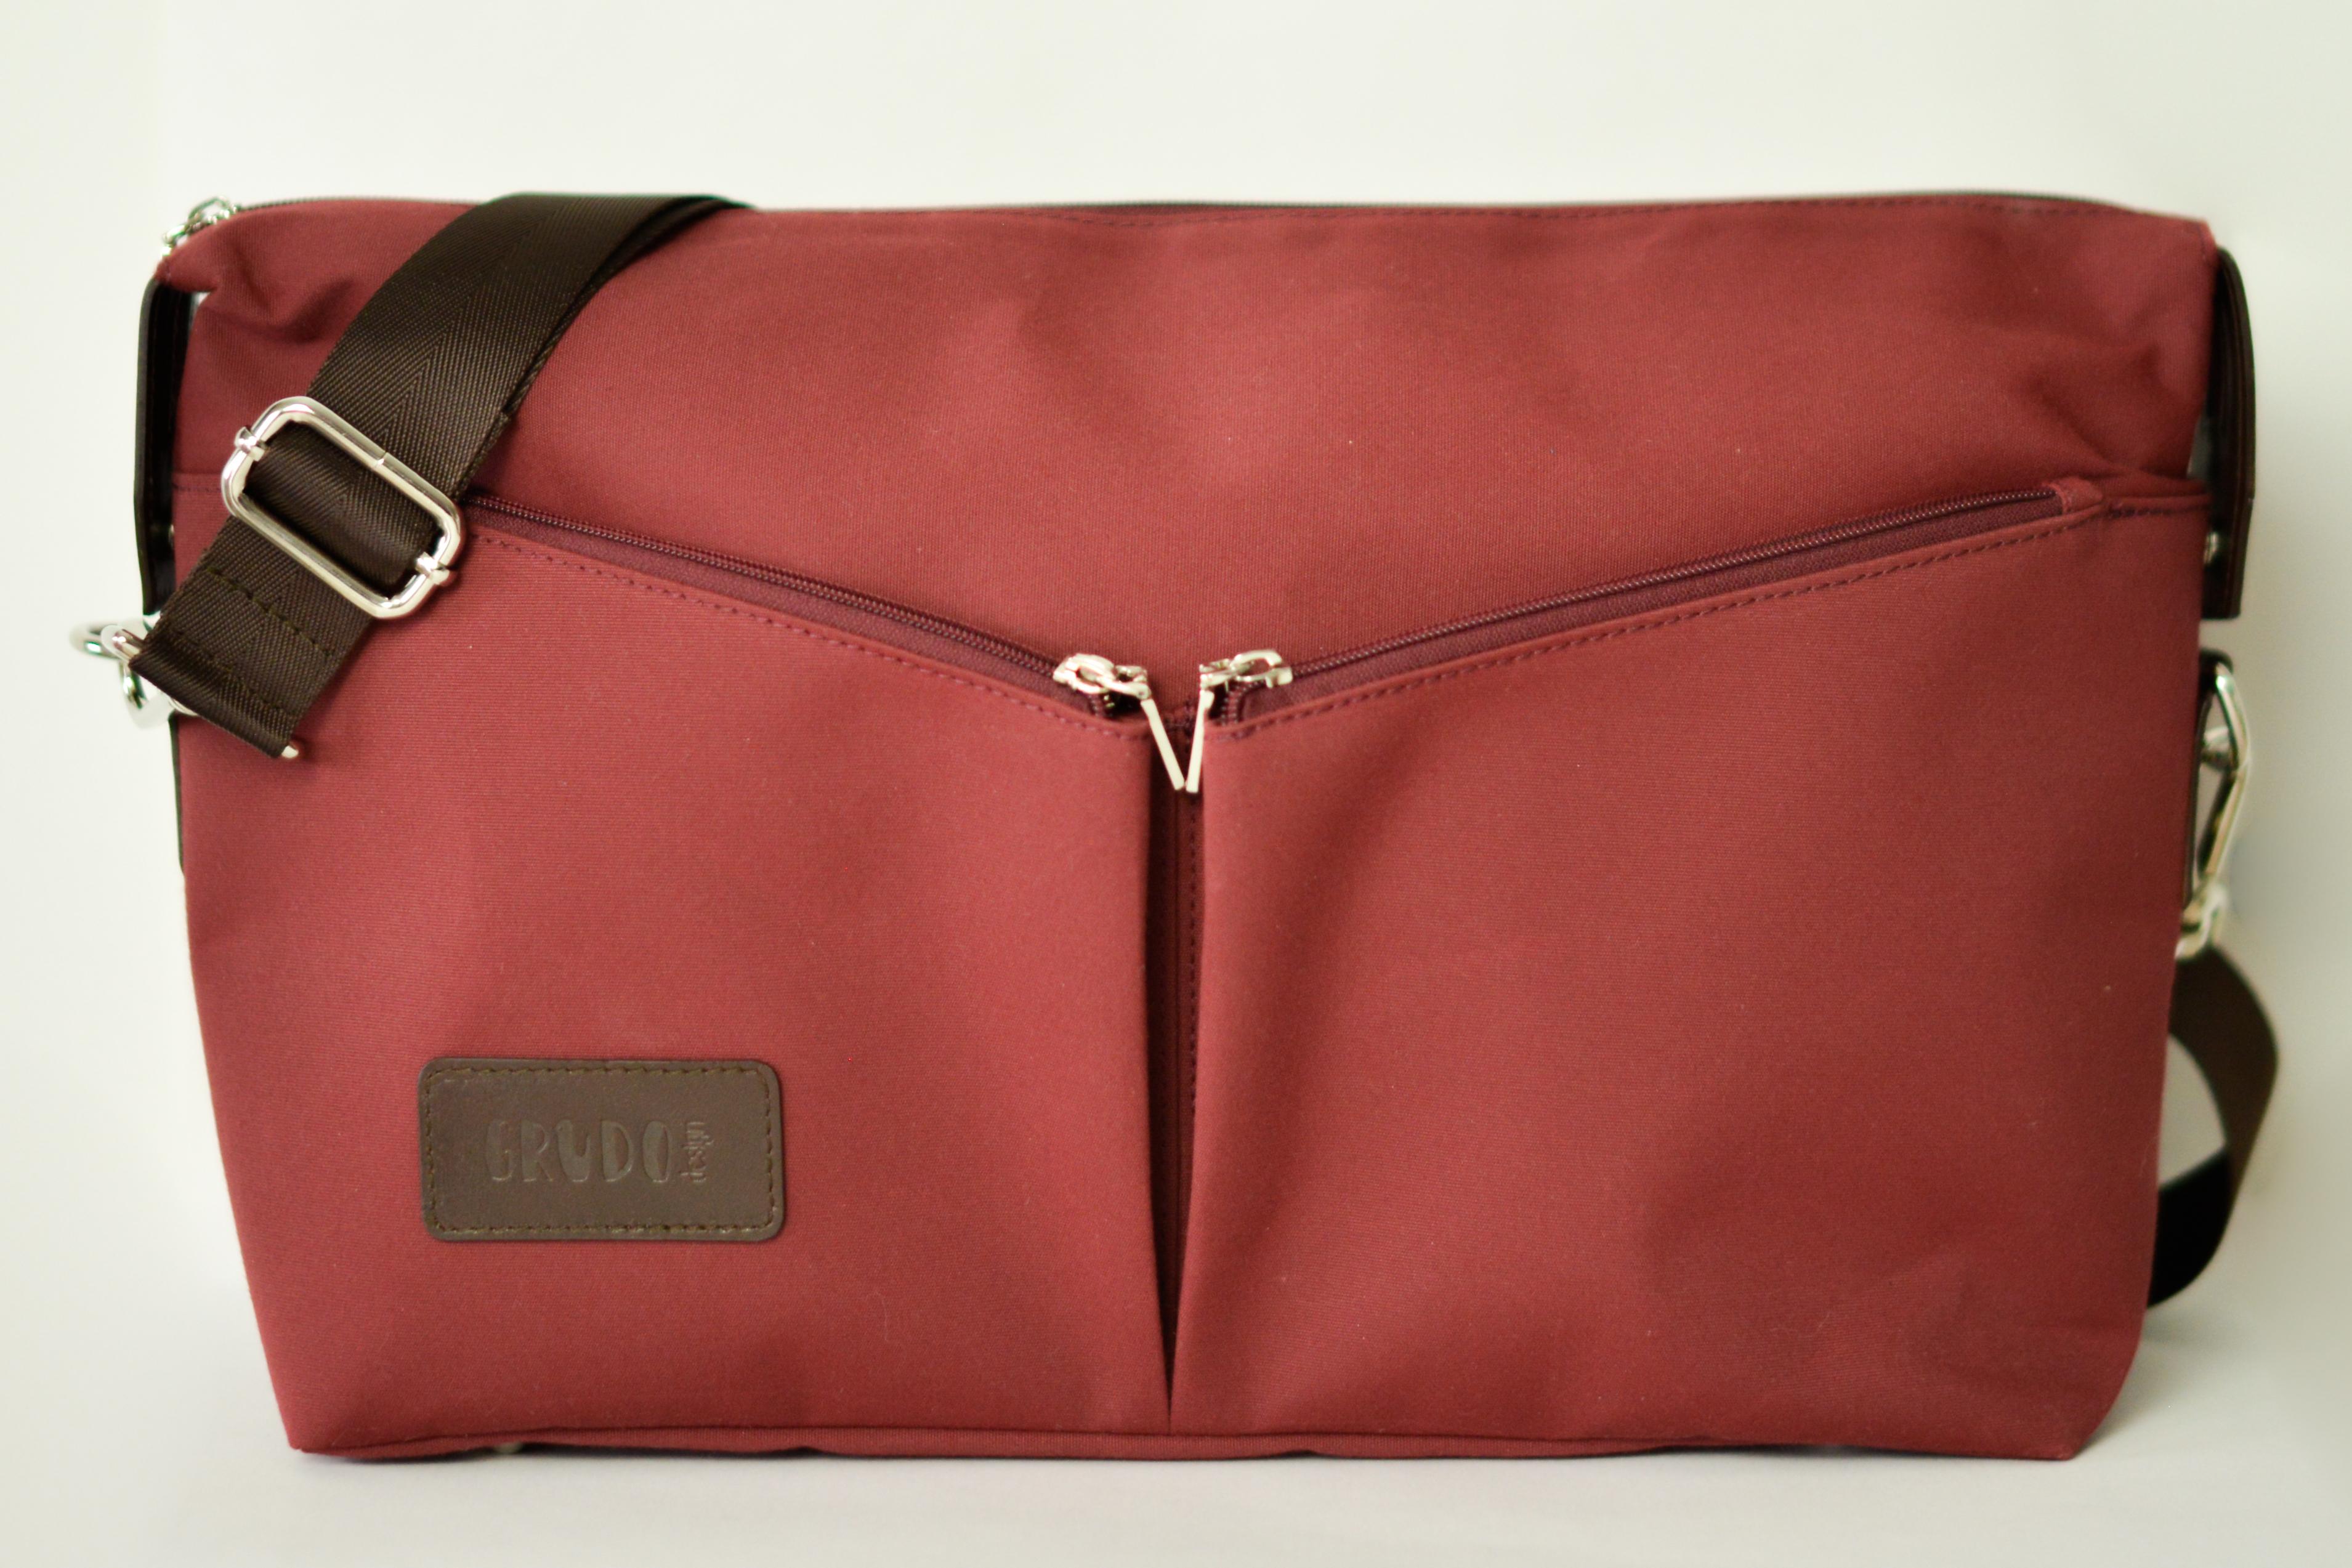 A Grudo design mini pelenkázó táskája olyan e6c7c447a3